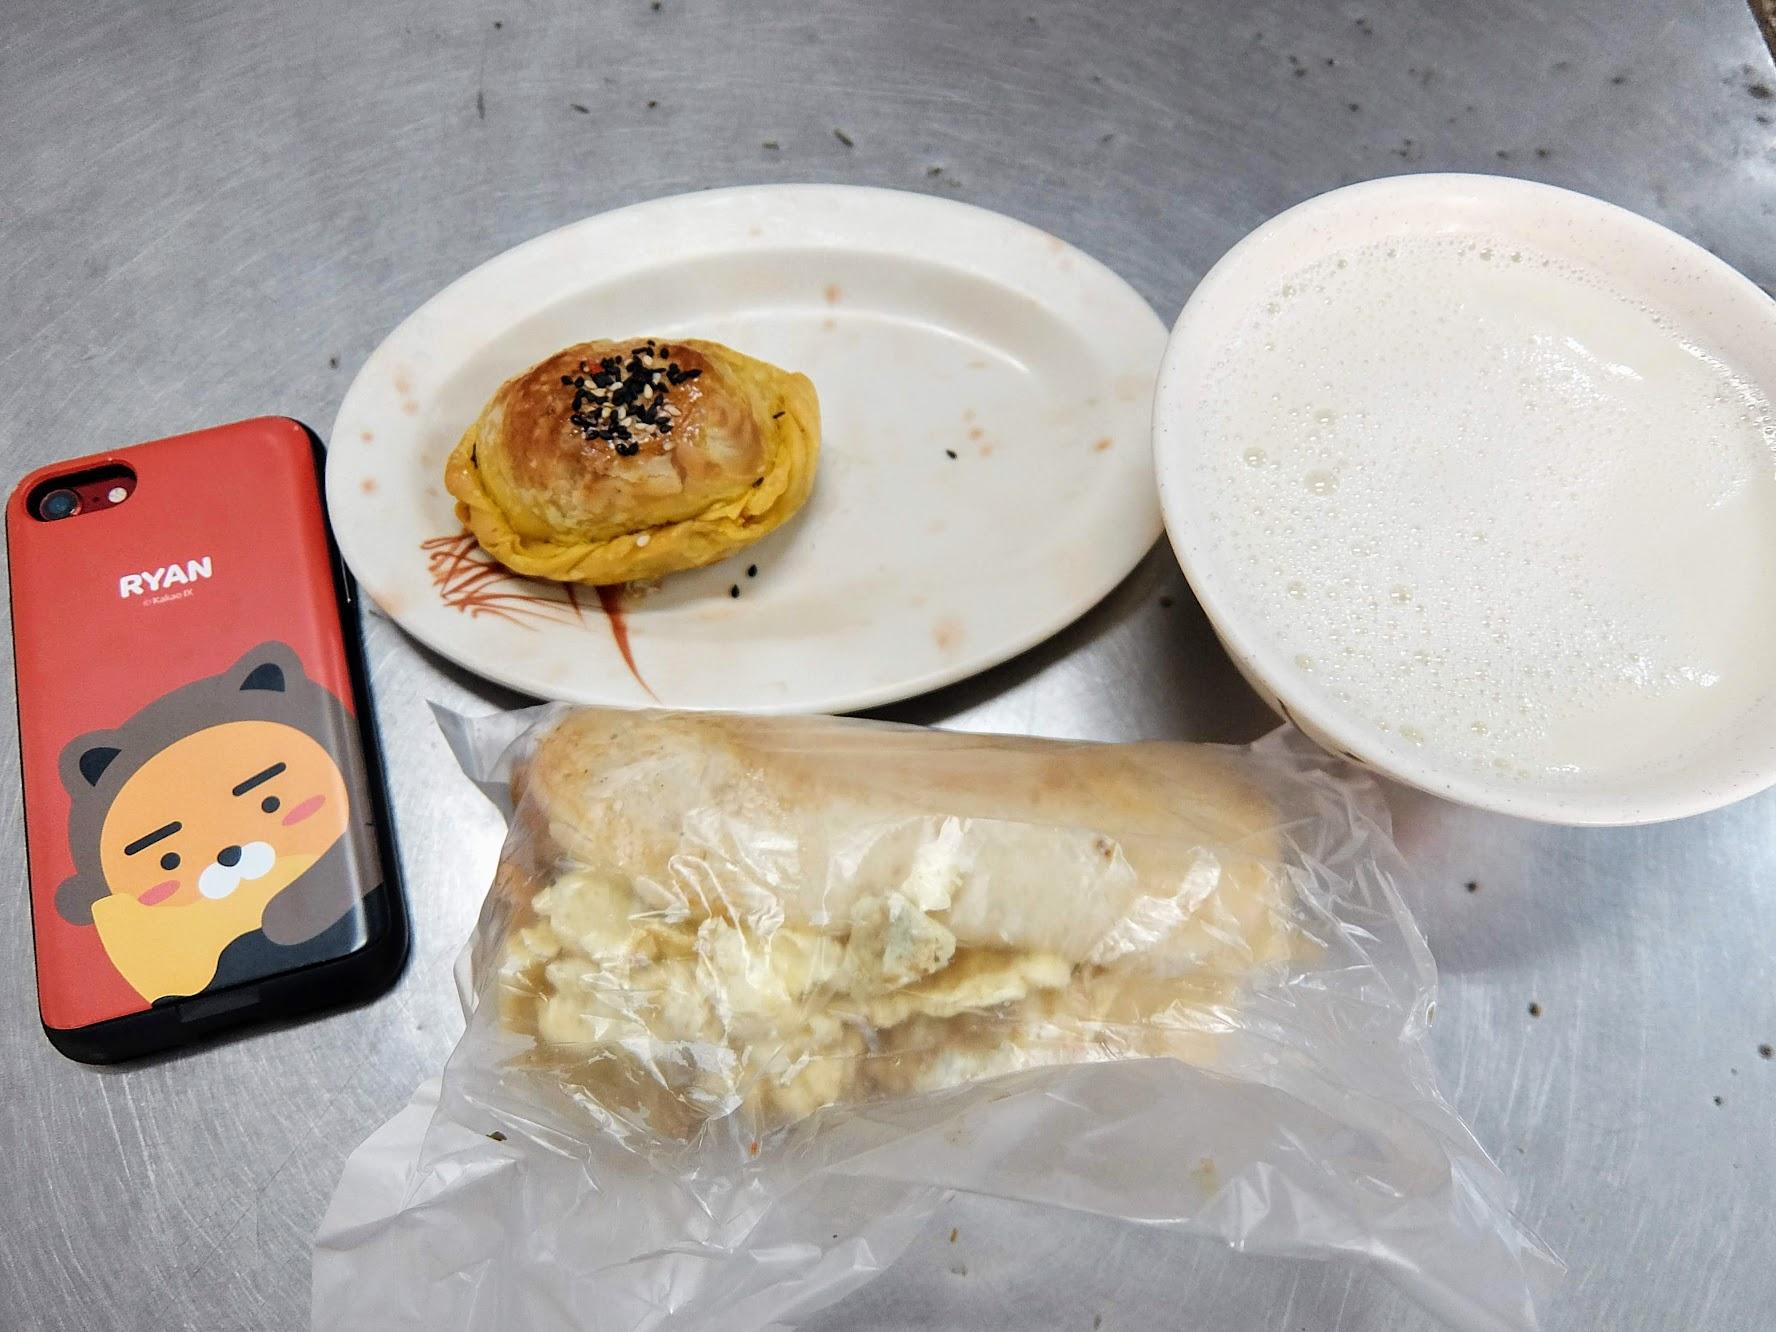 燒餅夾蛋菜+咖哩餃+豆漿,這樣一套下來早餐就很飽足了